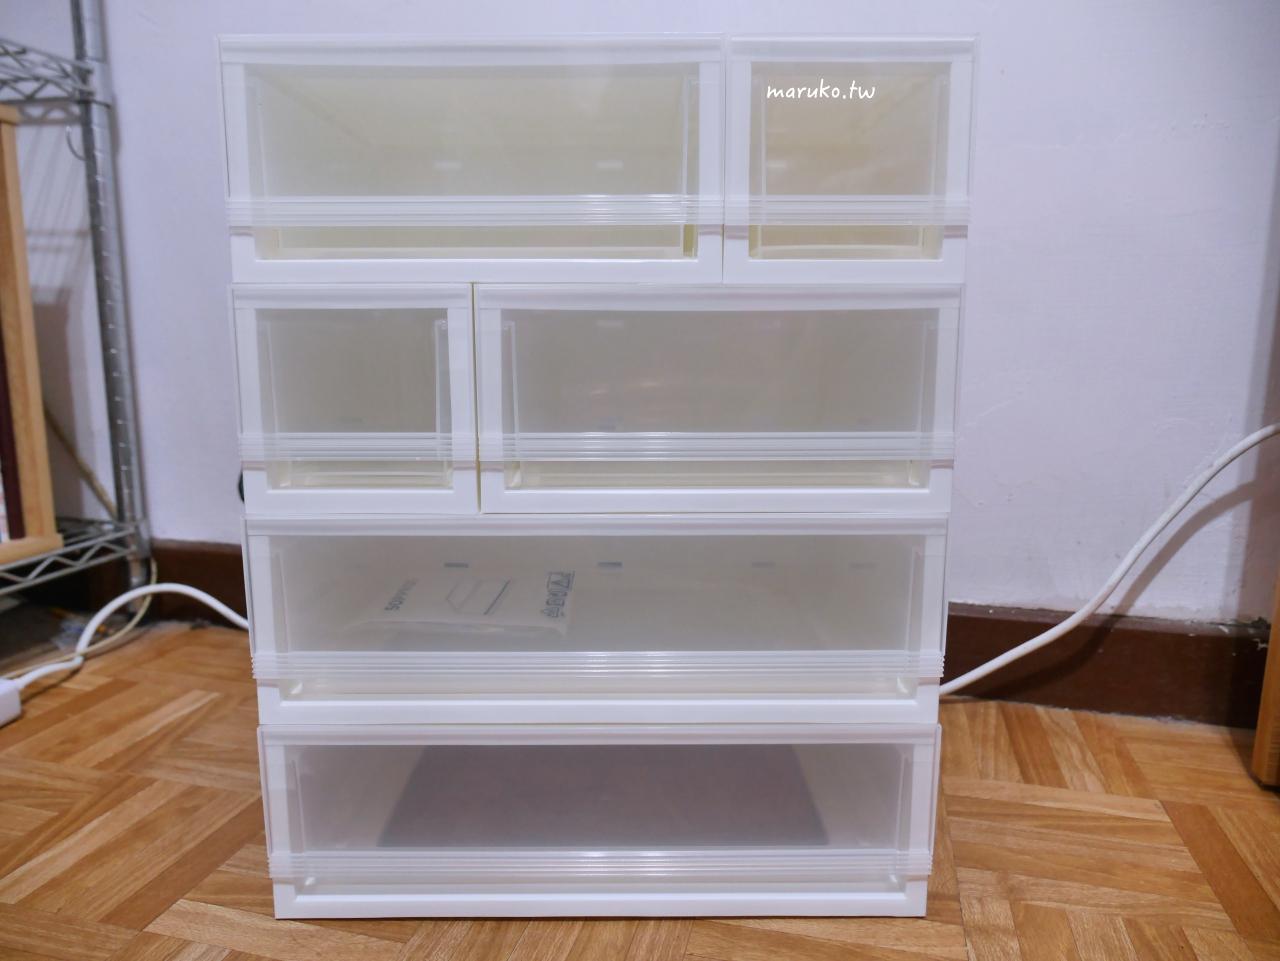 【台北】IKEA 宜家家居 sopprot 組合式抽屜盒 居家收納分享 @Maruko與美食有個約會